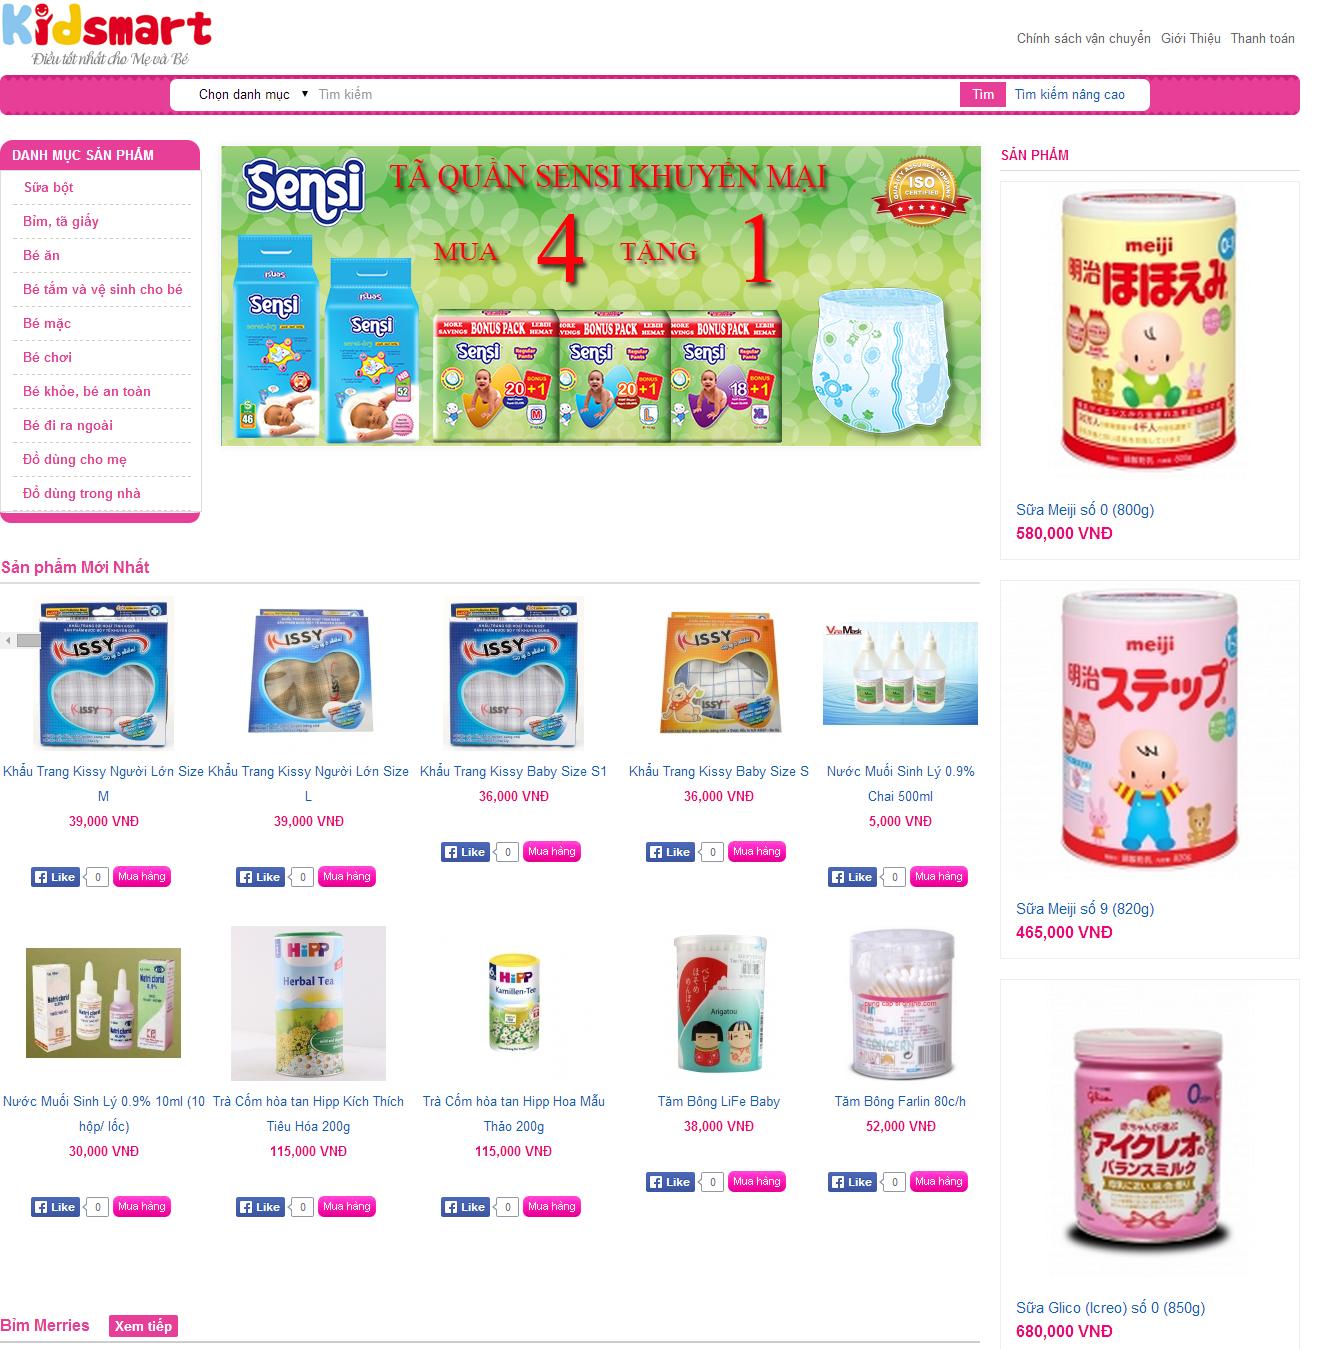 Thiết kế web giá rẻ sữa bột sữa trẻ em